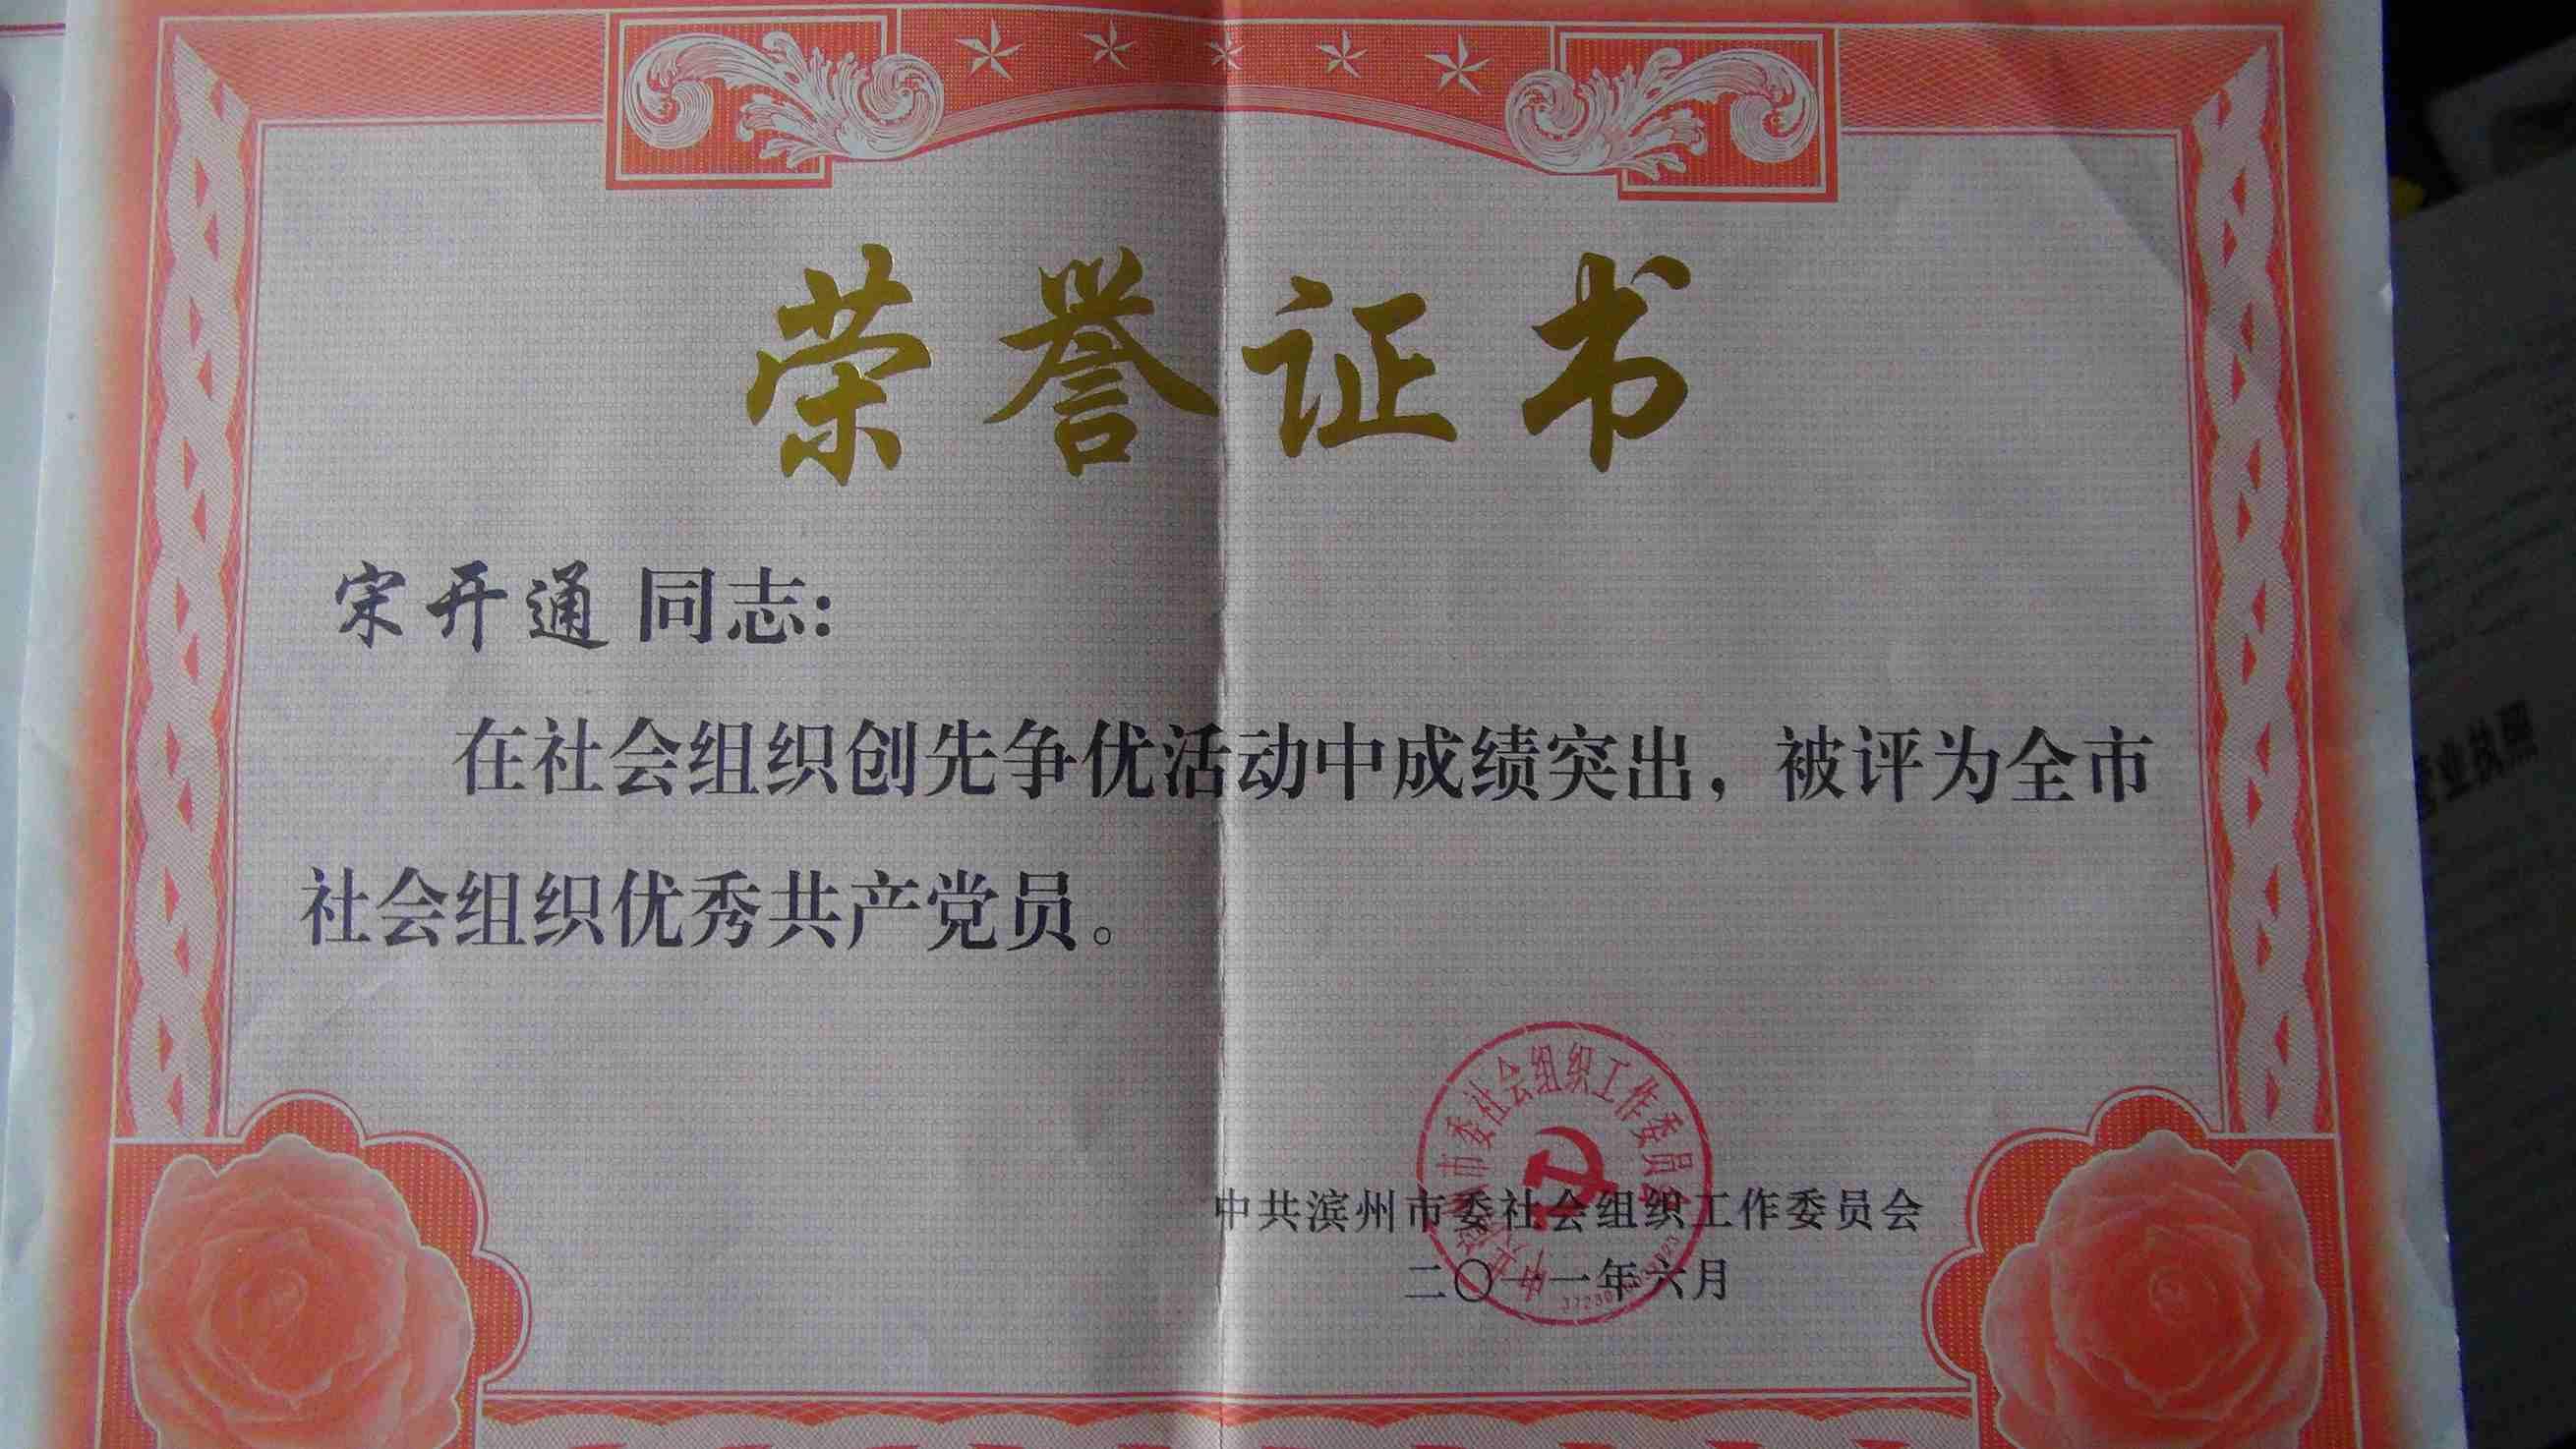 建党90周年院长被授予全市优秀共产党员